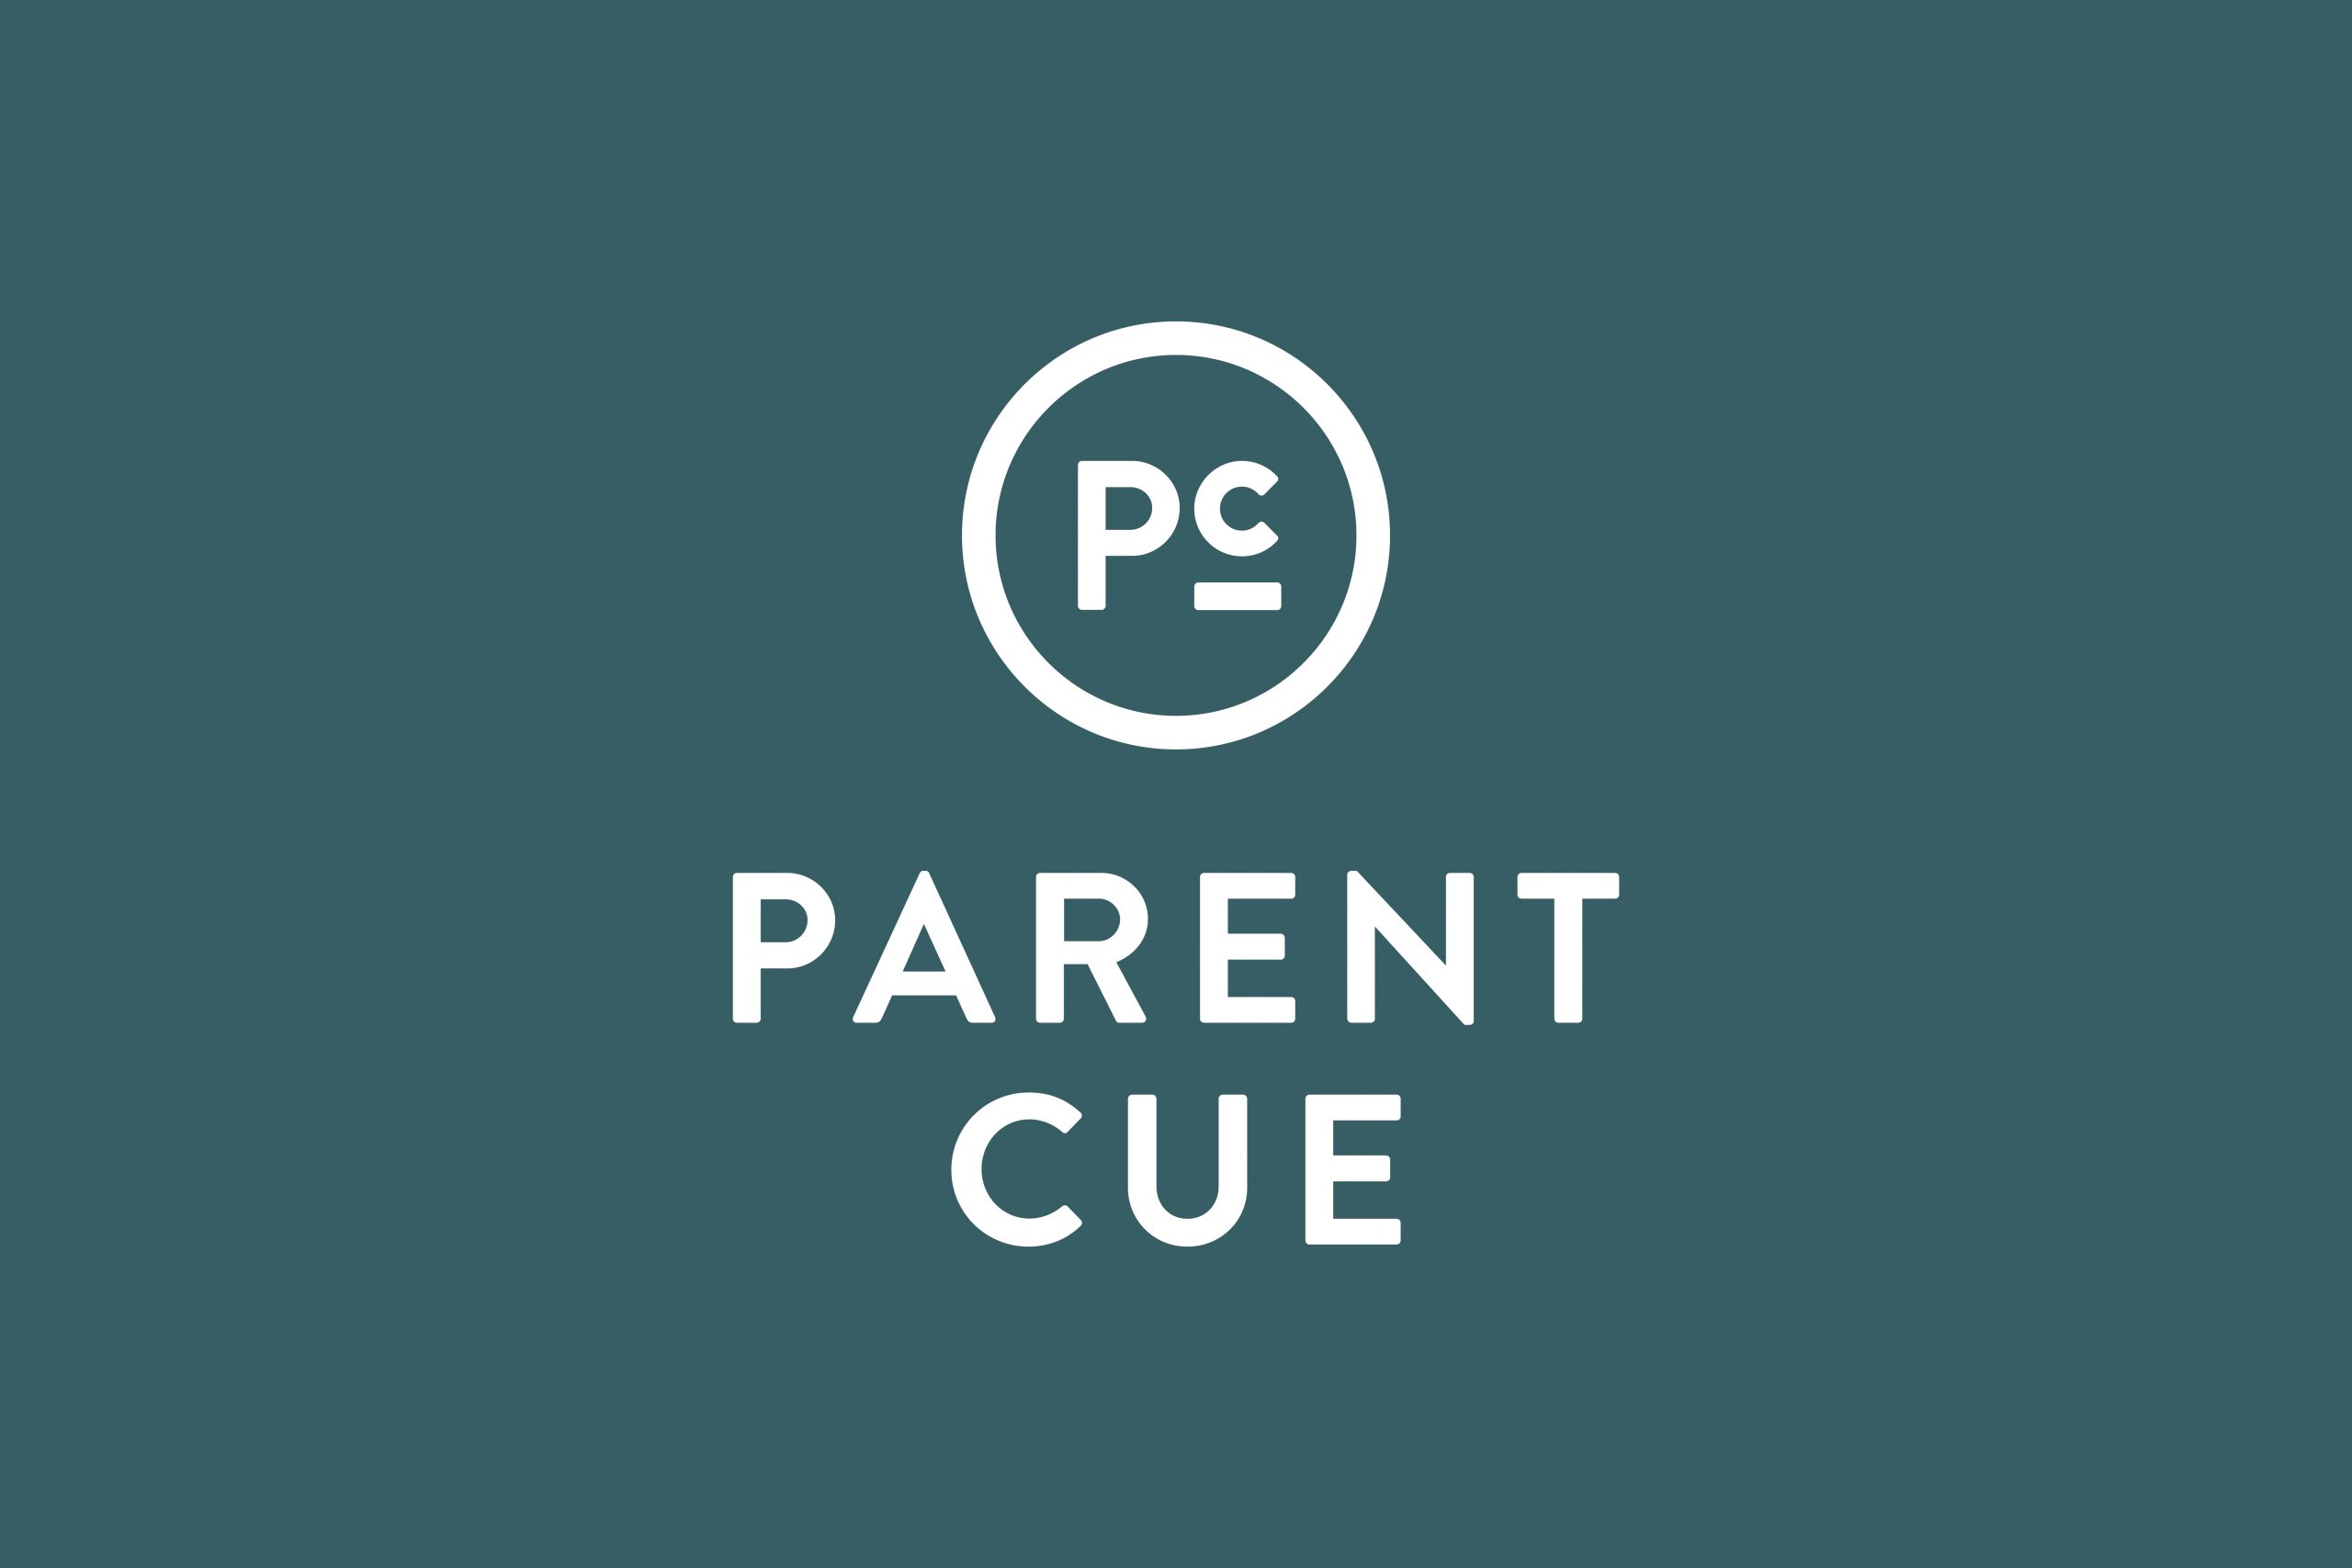 Is PC Christian | Parent Cue Blog